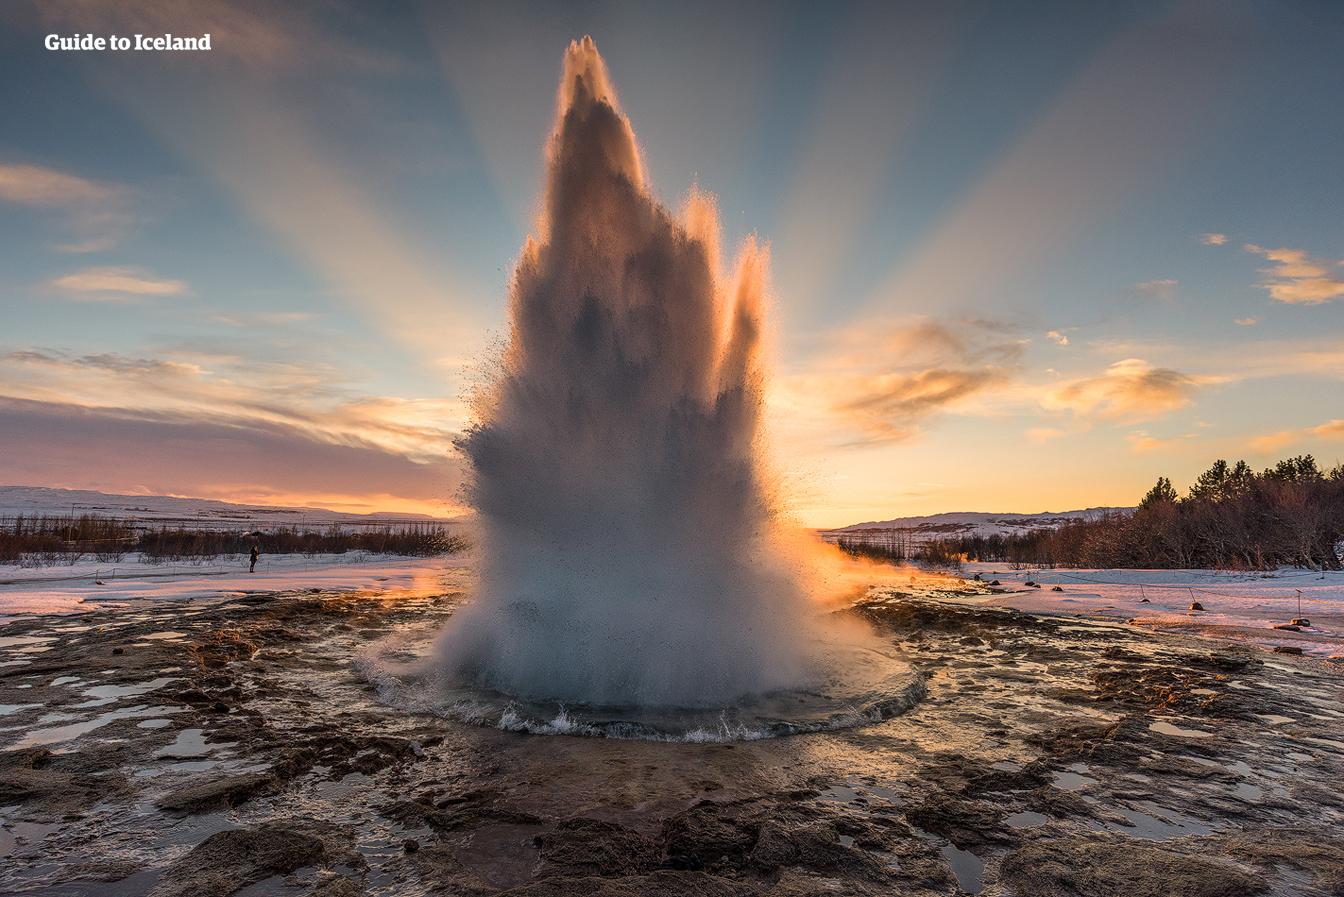 冰岛黄金圈景区的盖歇尔间歇泉